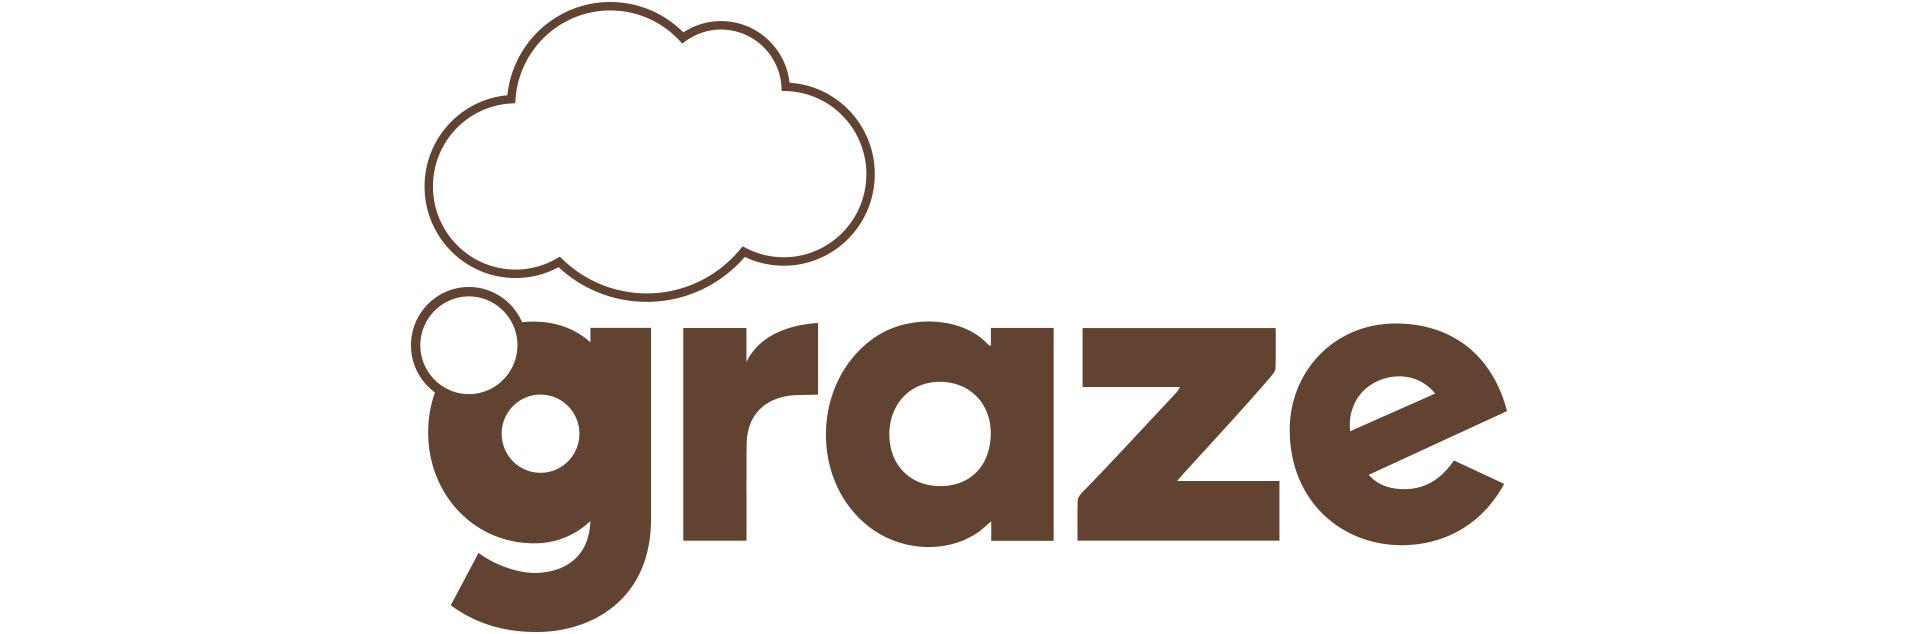 graze_press_logo3_banner.jpg